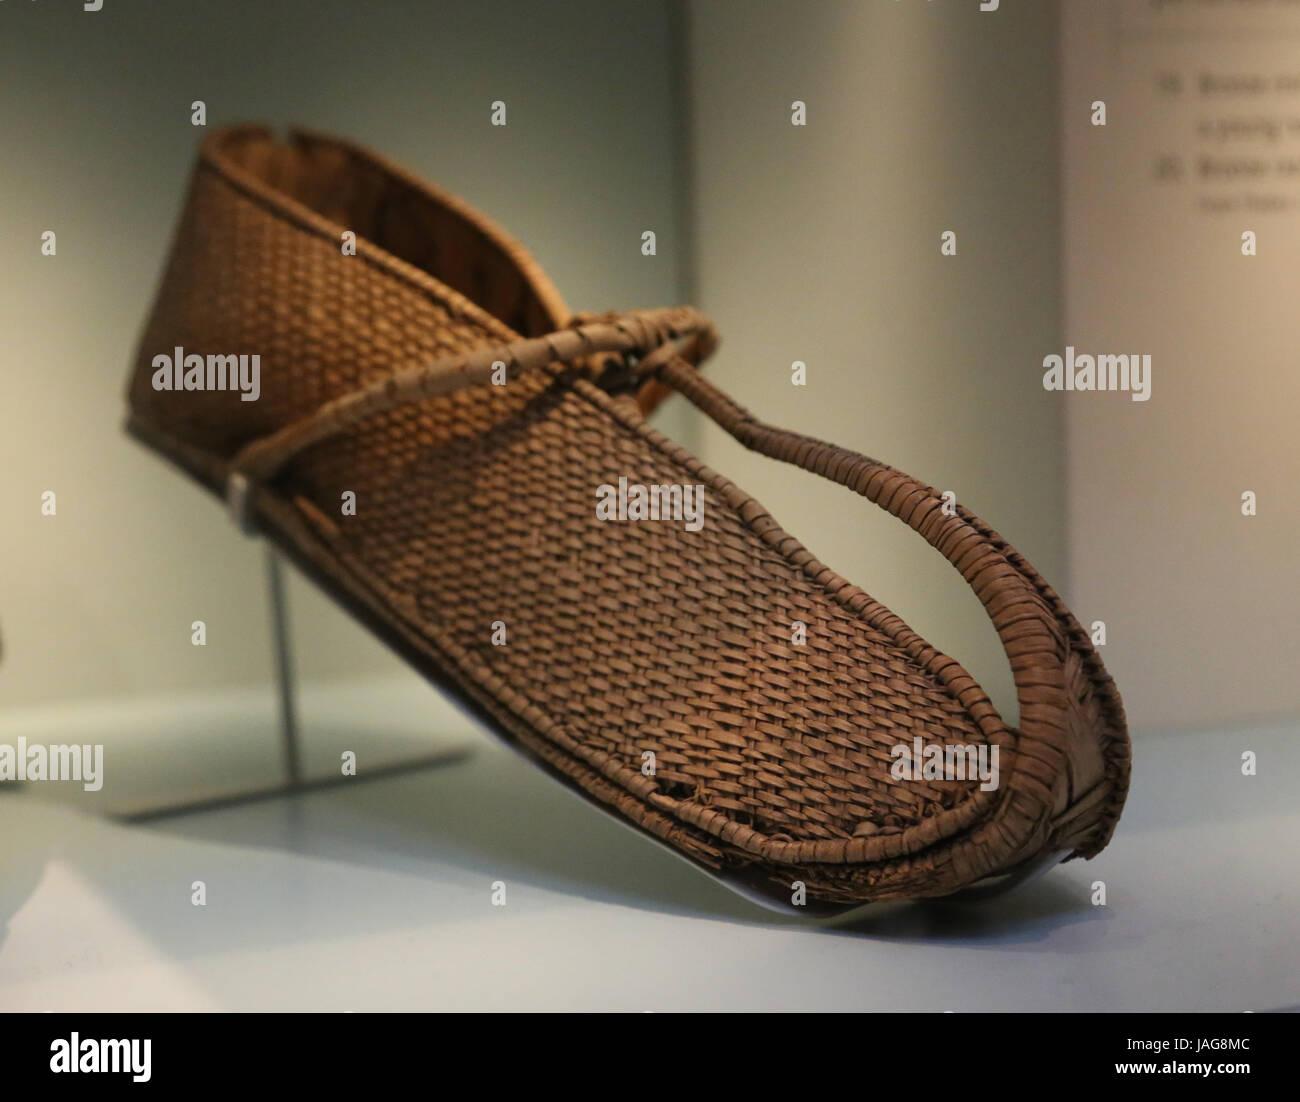 El antiguo Egipto. Sandalias tejida con hojas de palmera. Museo Británico. Londres, Reino Unido. Imagen De Stock